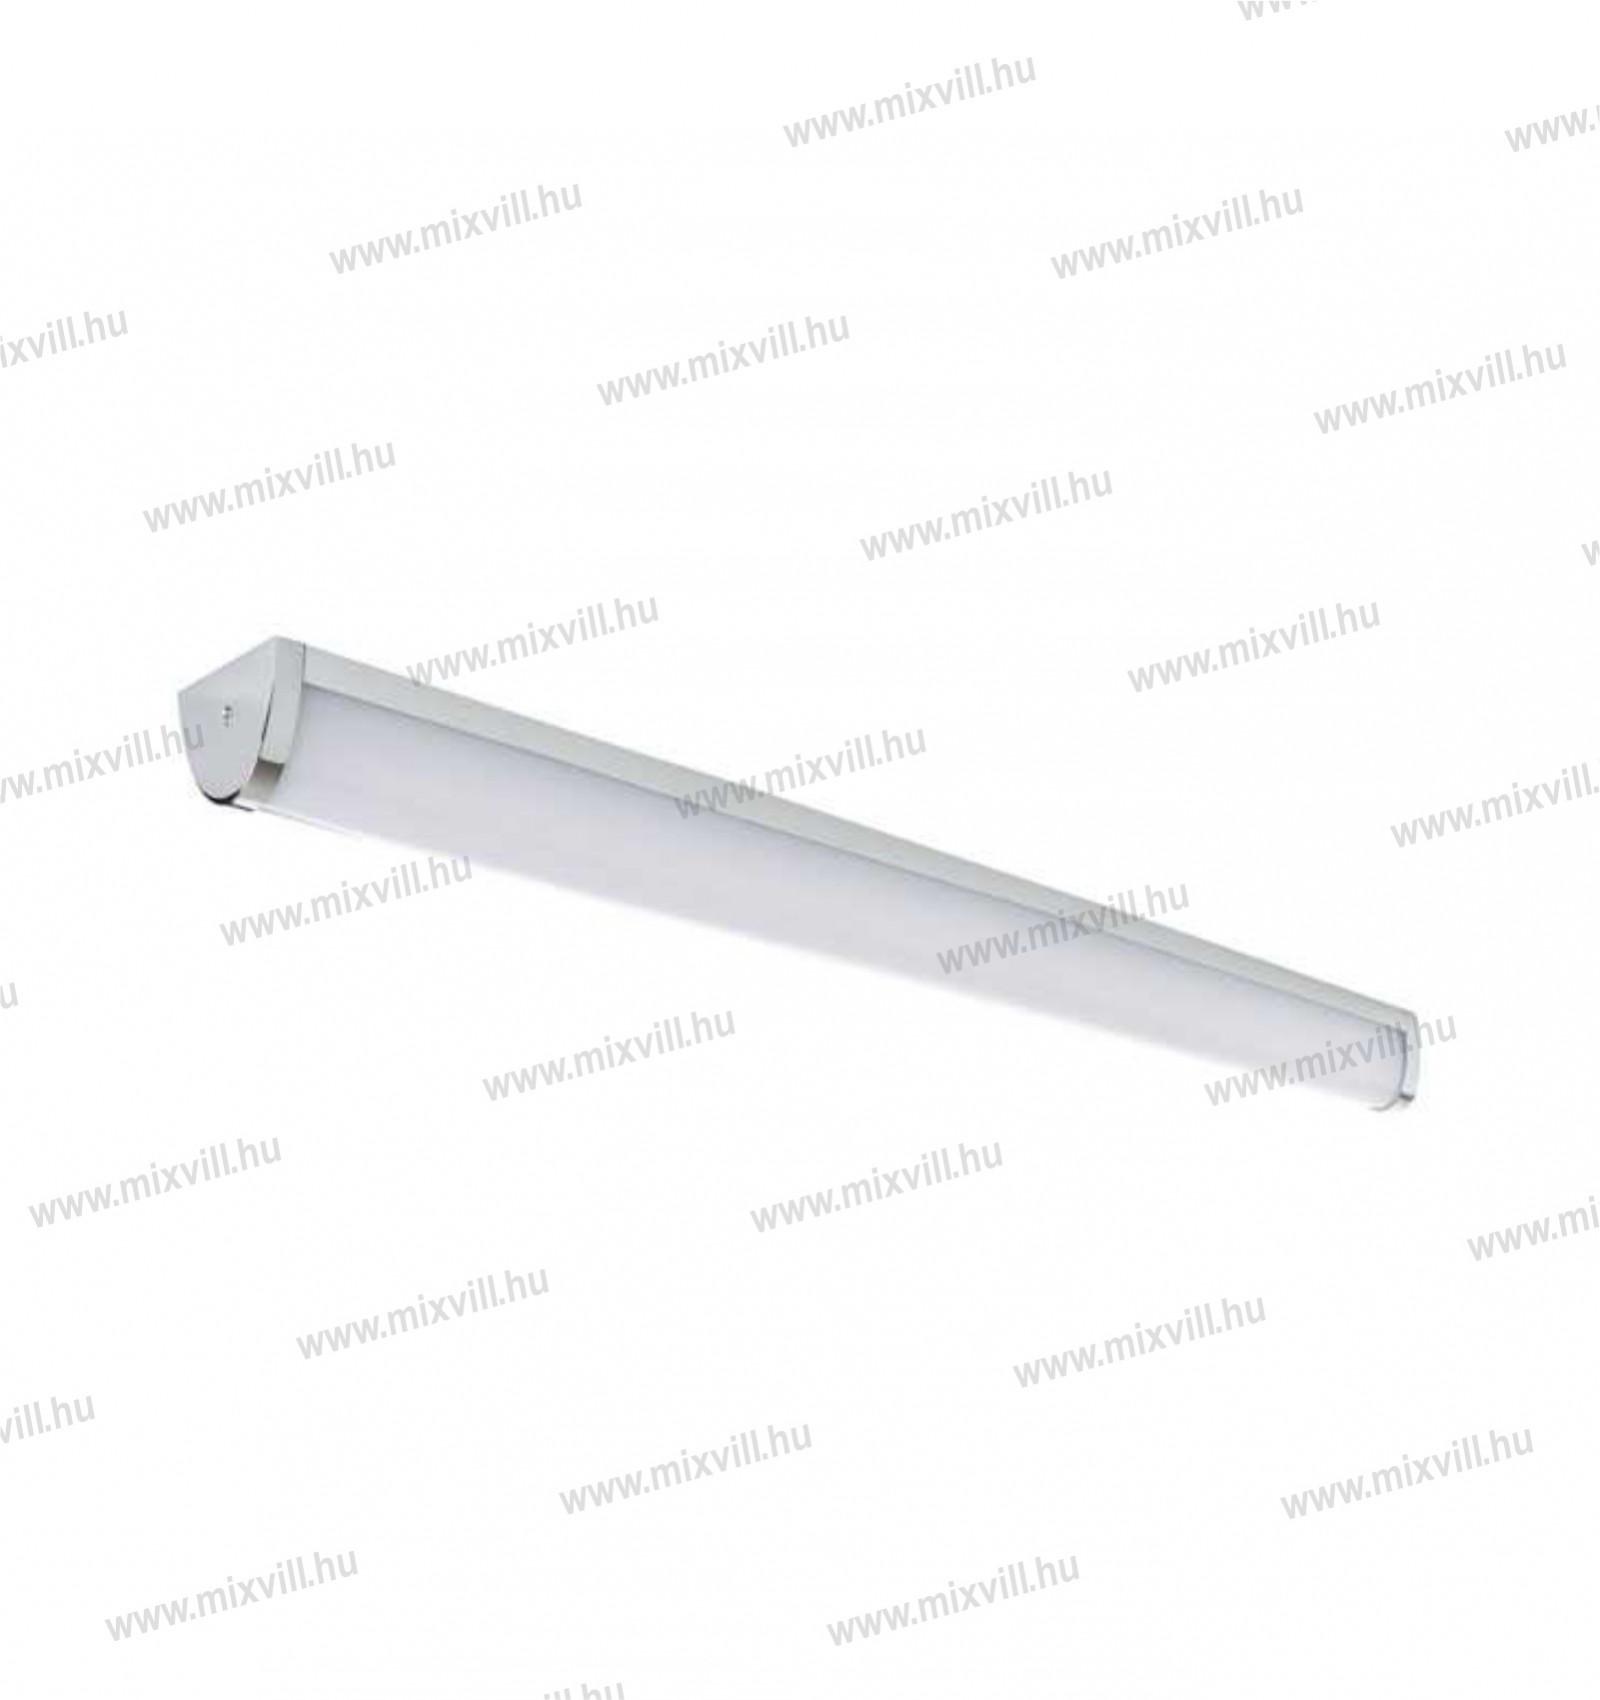 Kanlux_27533_Pessa-LED_605mm